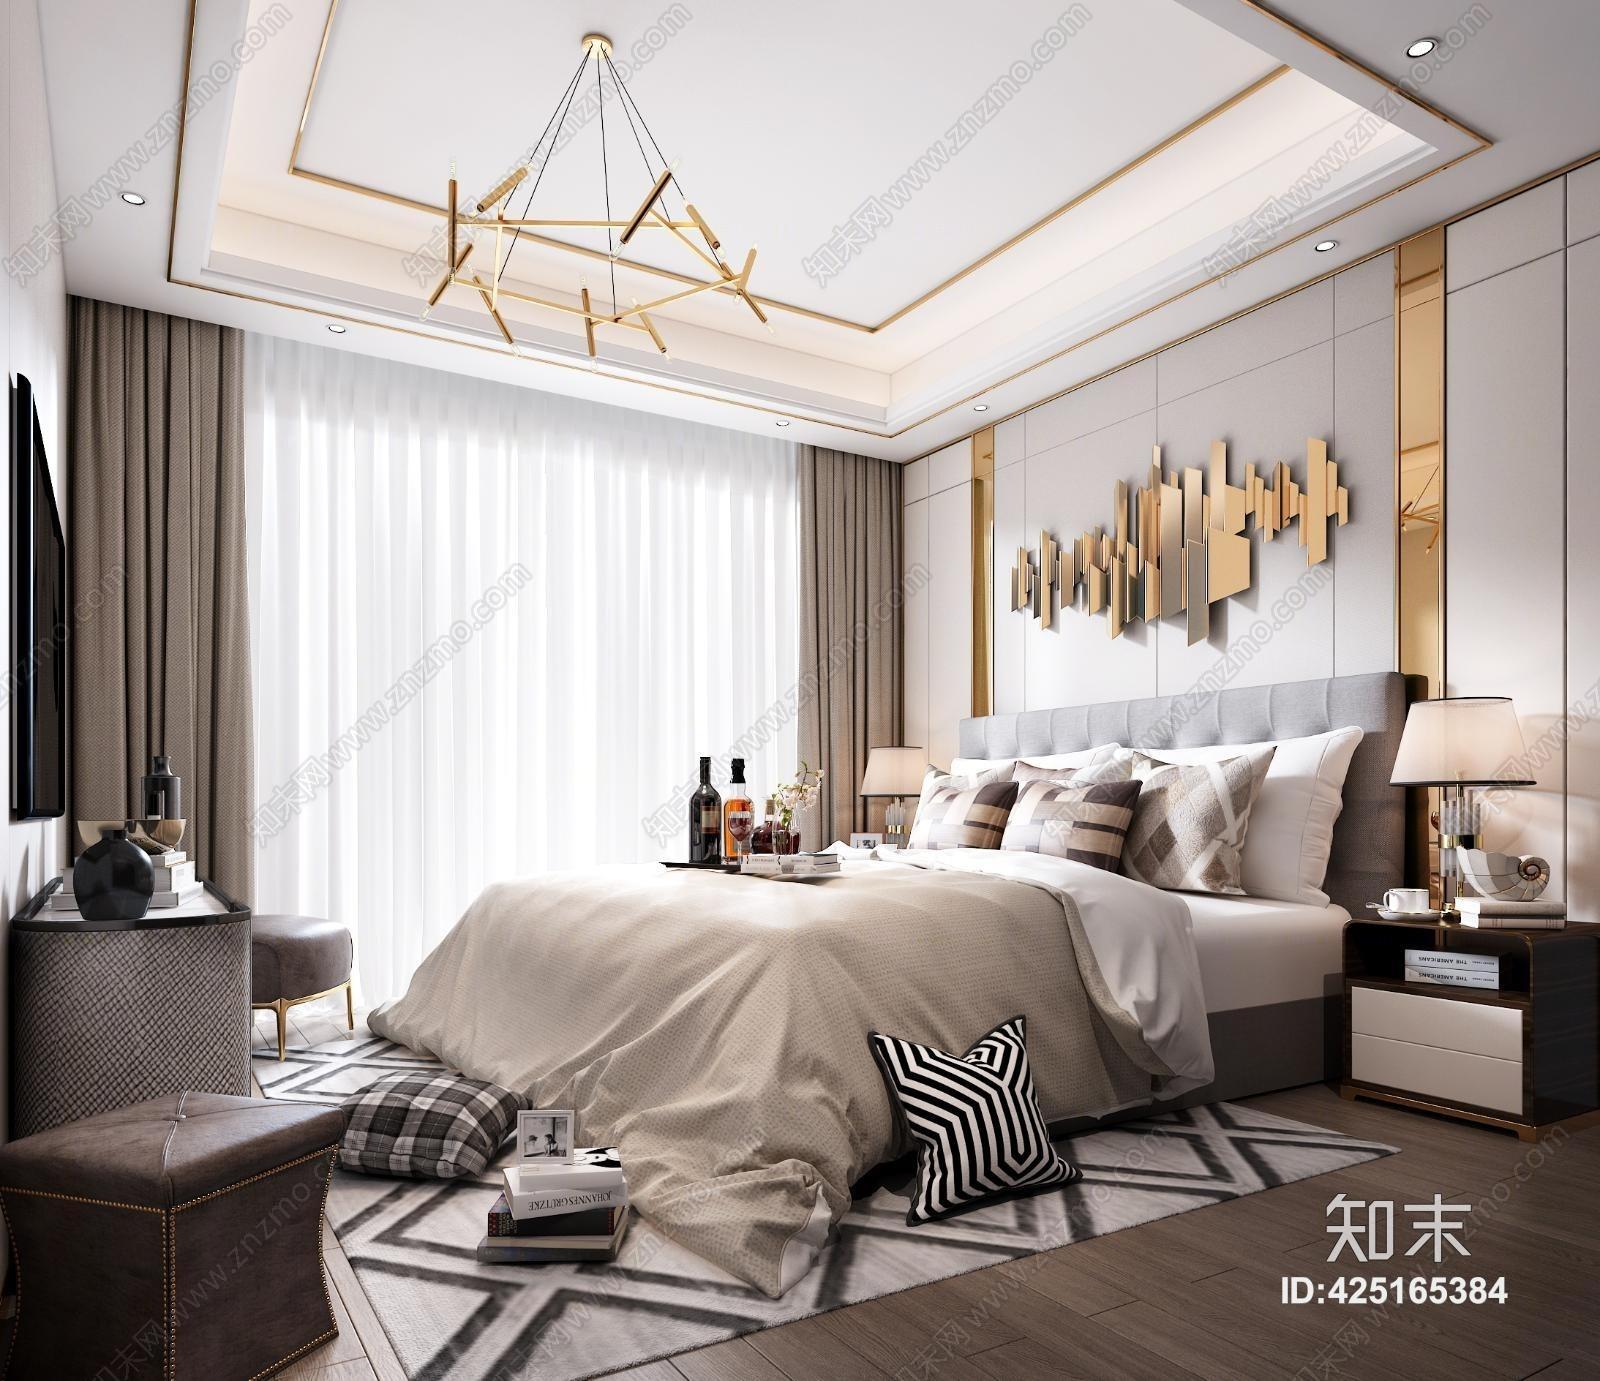 后现代主人房 床具 吊灯 台灯 挂画 电视 装饰品 地毯 床头柜 装饰品 窗帘